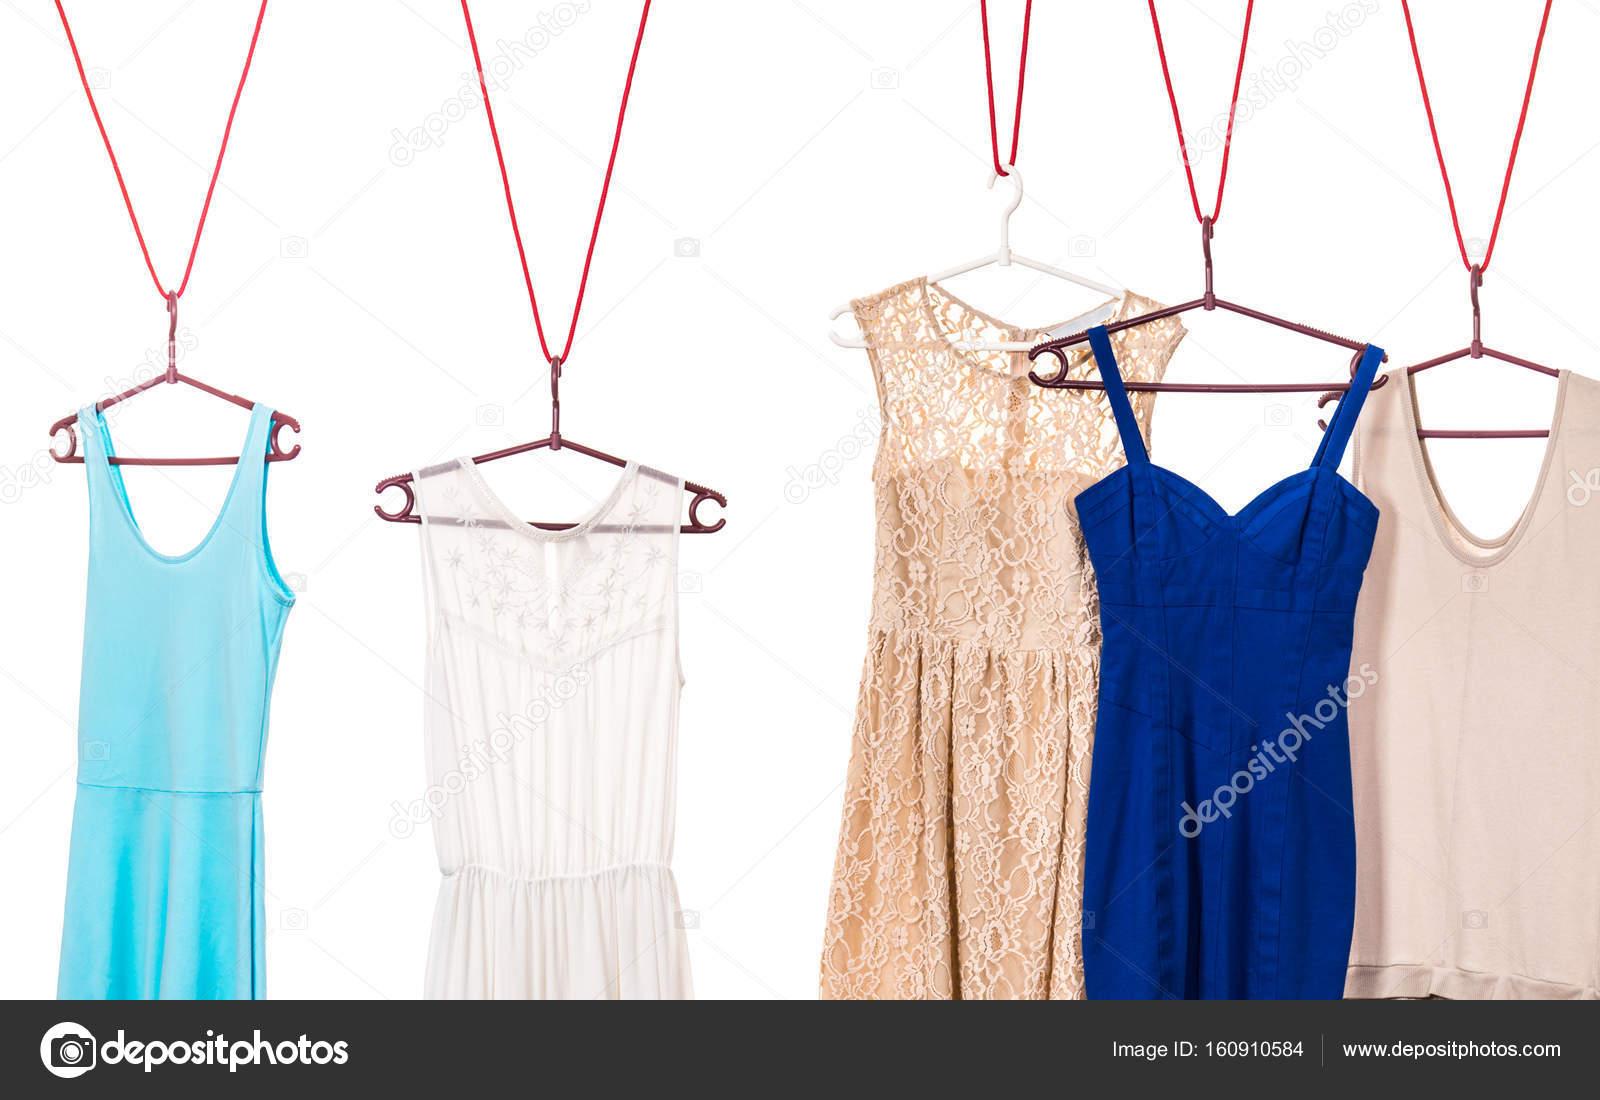 Bunte Kleider, Kleiderbügel hängen — Stockfoto © Voyagerix #160910584